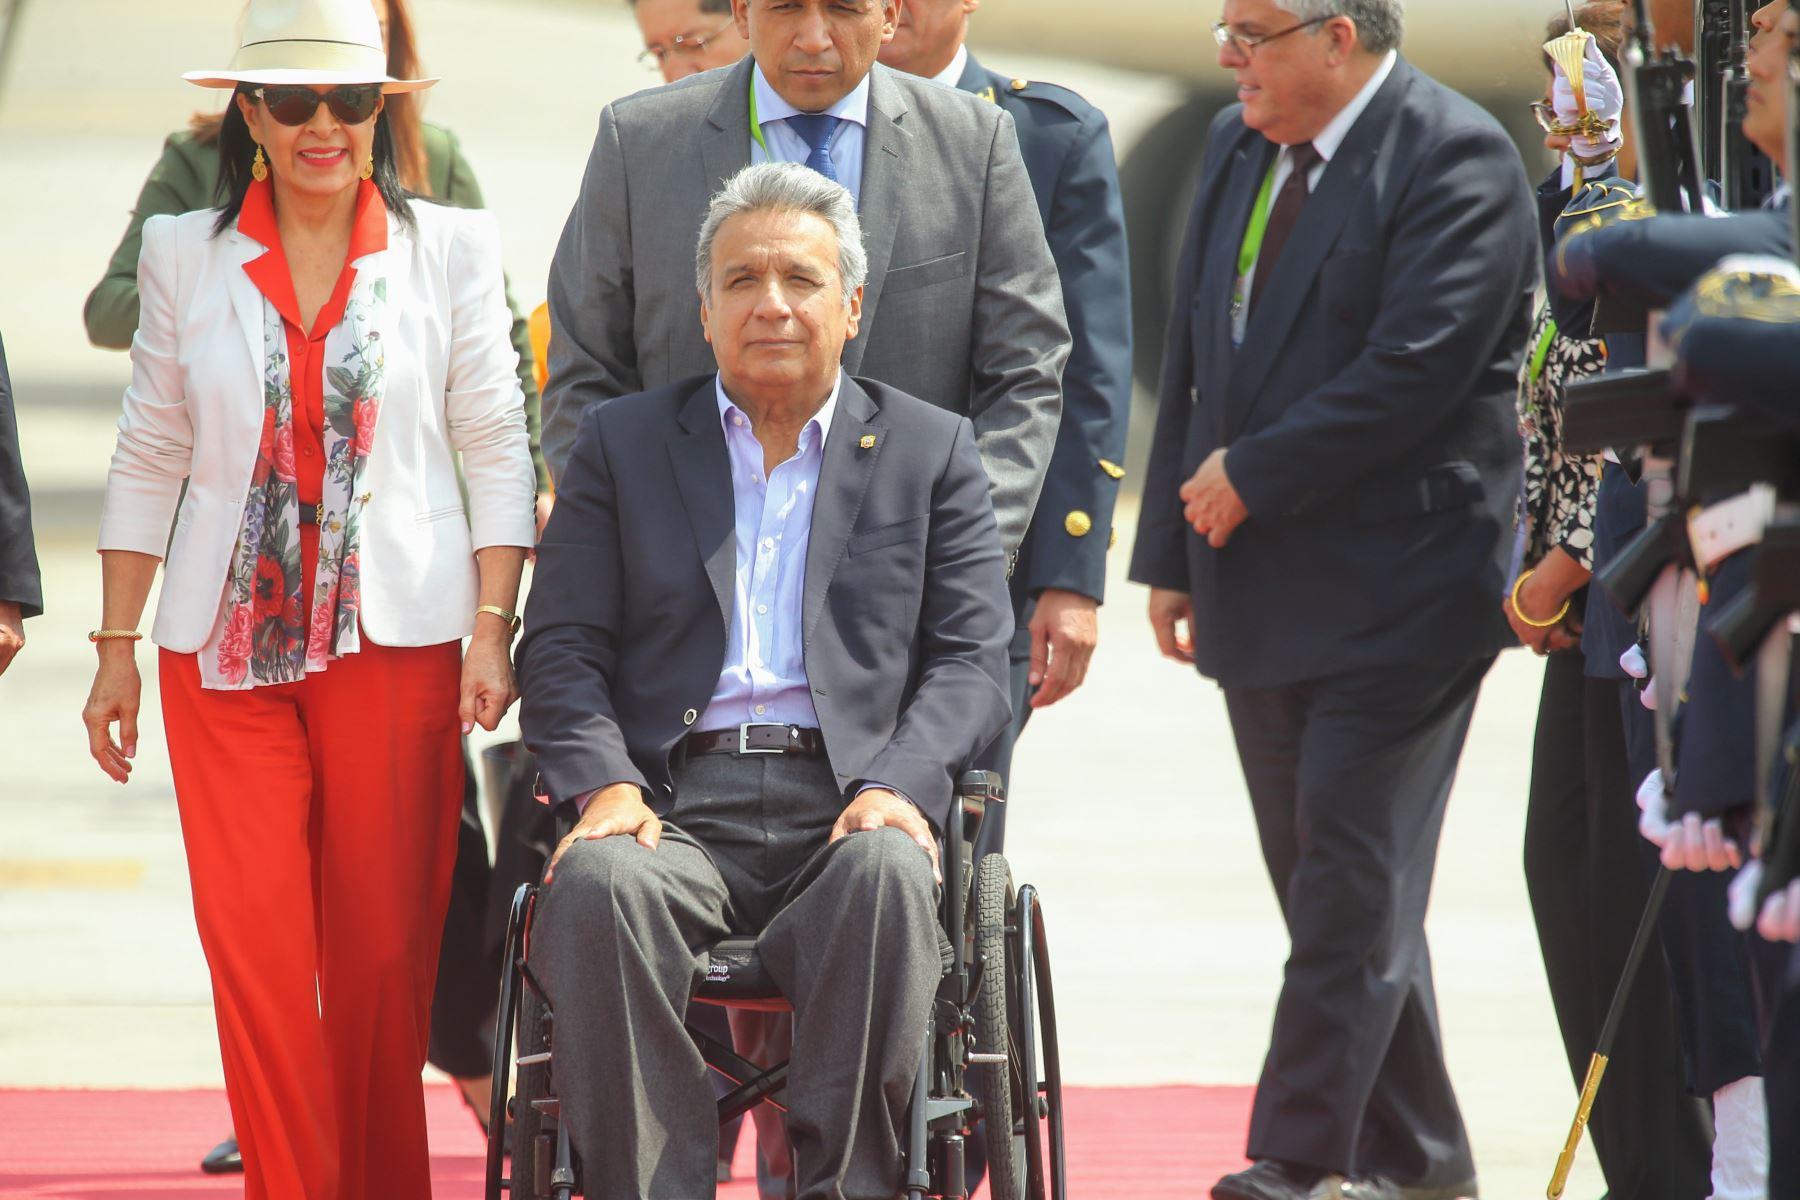 Llegada a Lima del presidente de Ecuador, Lenín Moreno, quien participará de la Cumbre de las Américas que se realizará en nuestra capital. Foto: ANDINA/Luis Iparraguirre.